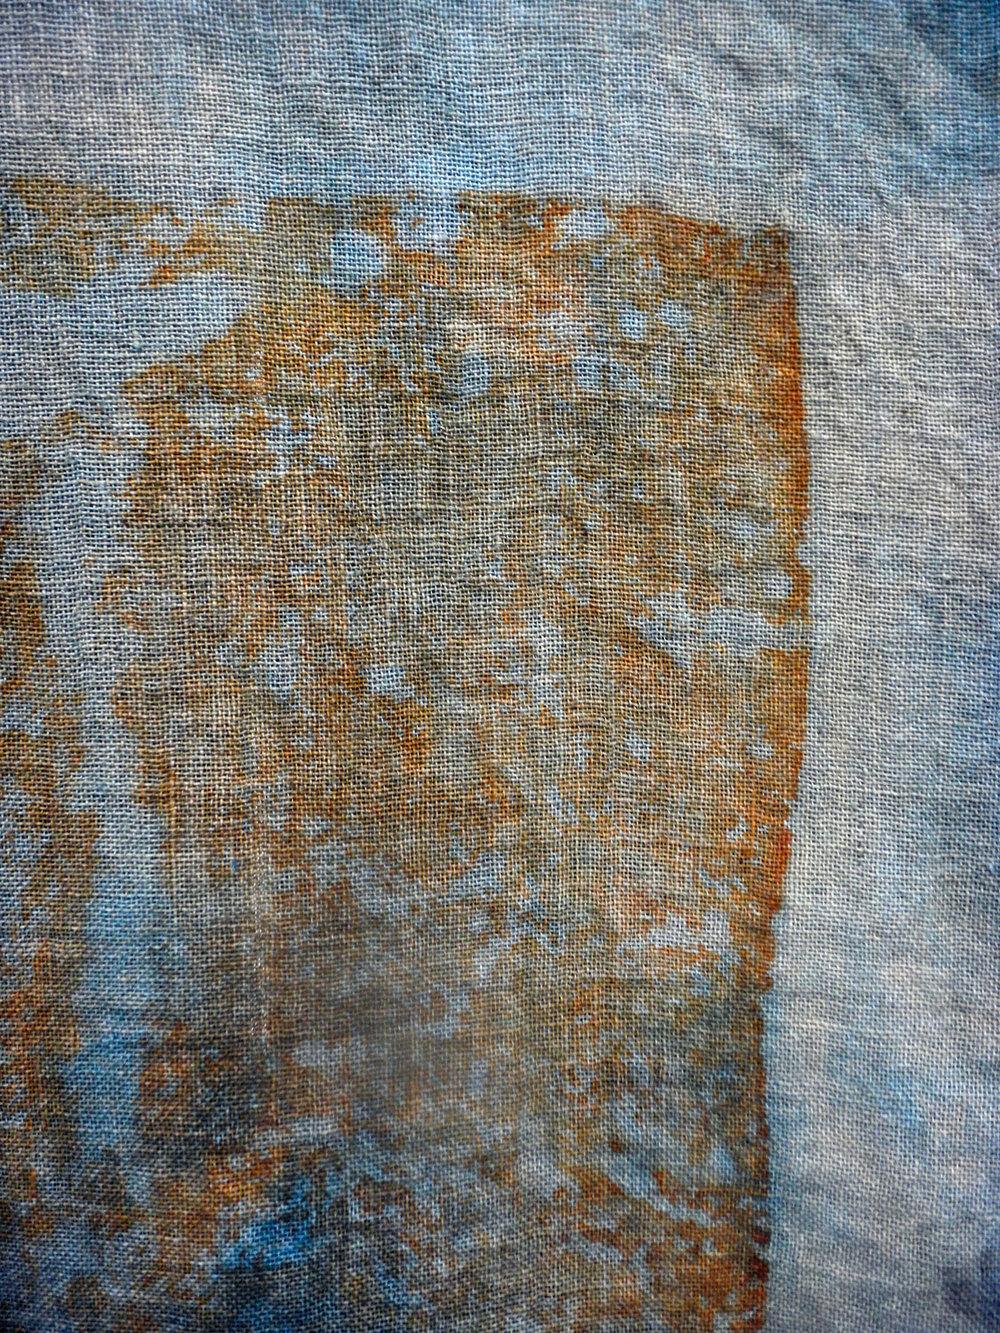 linen_rust_medium_detail.jpg